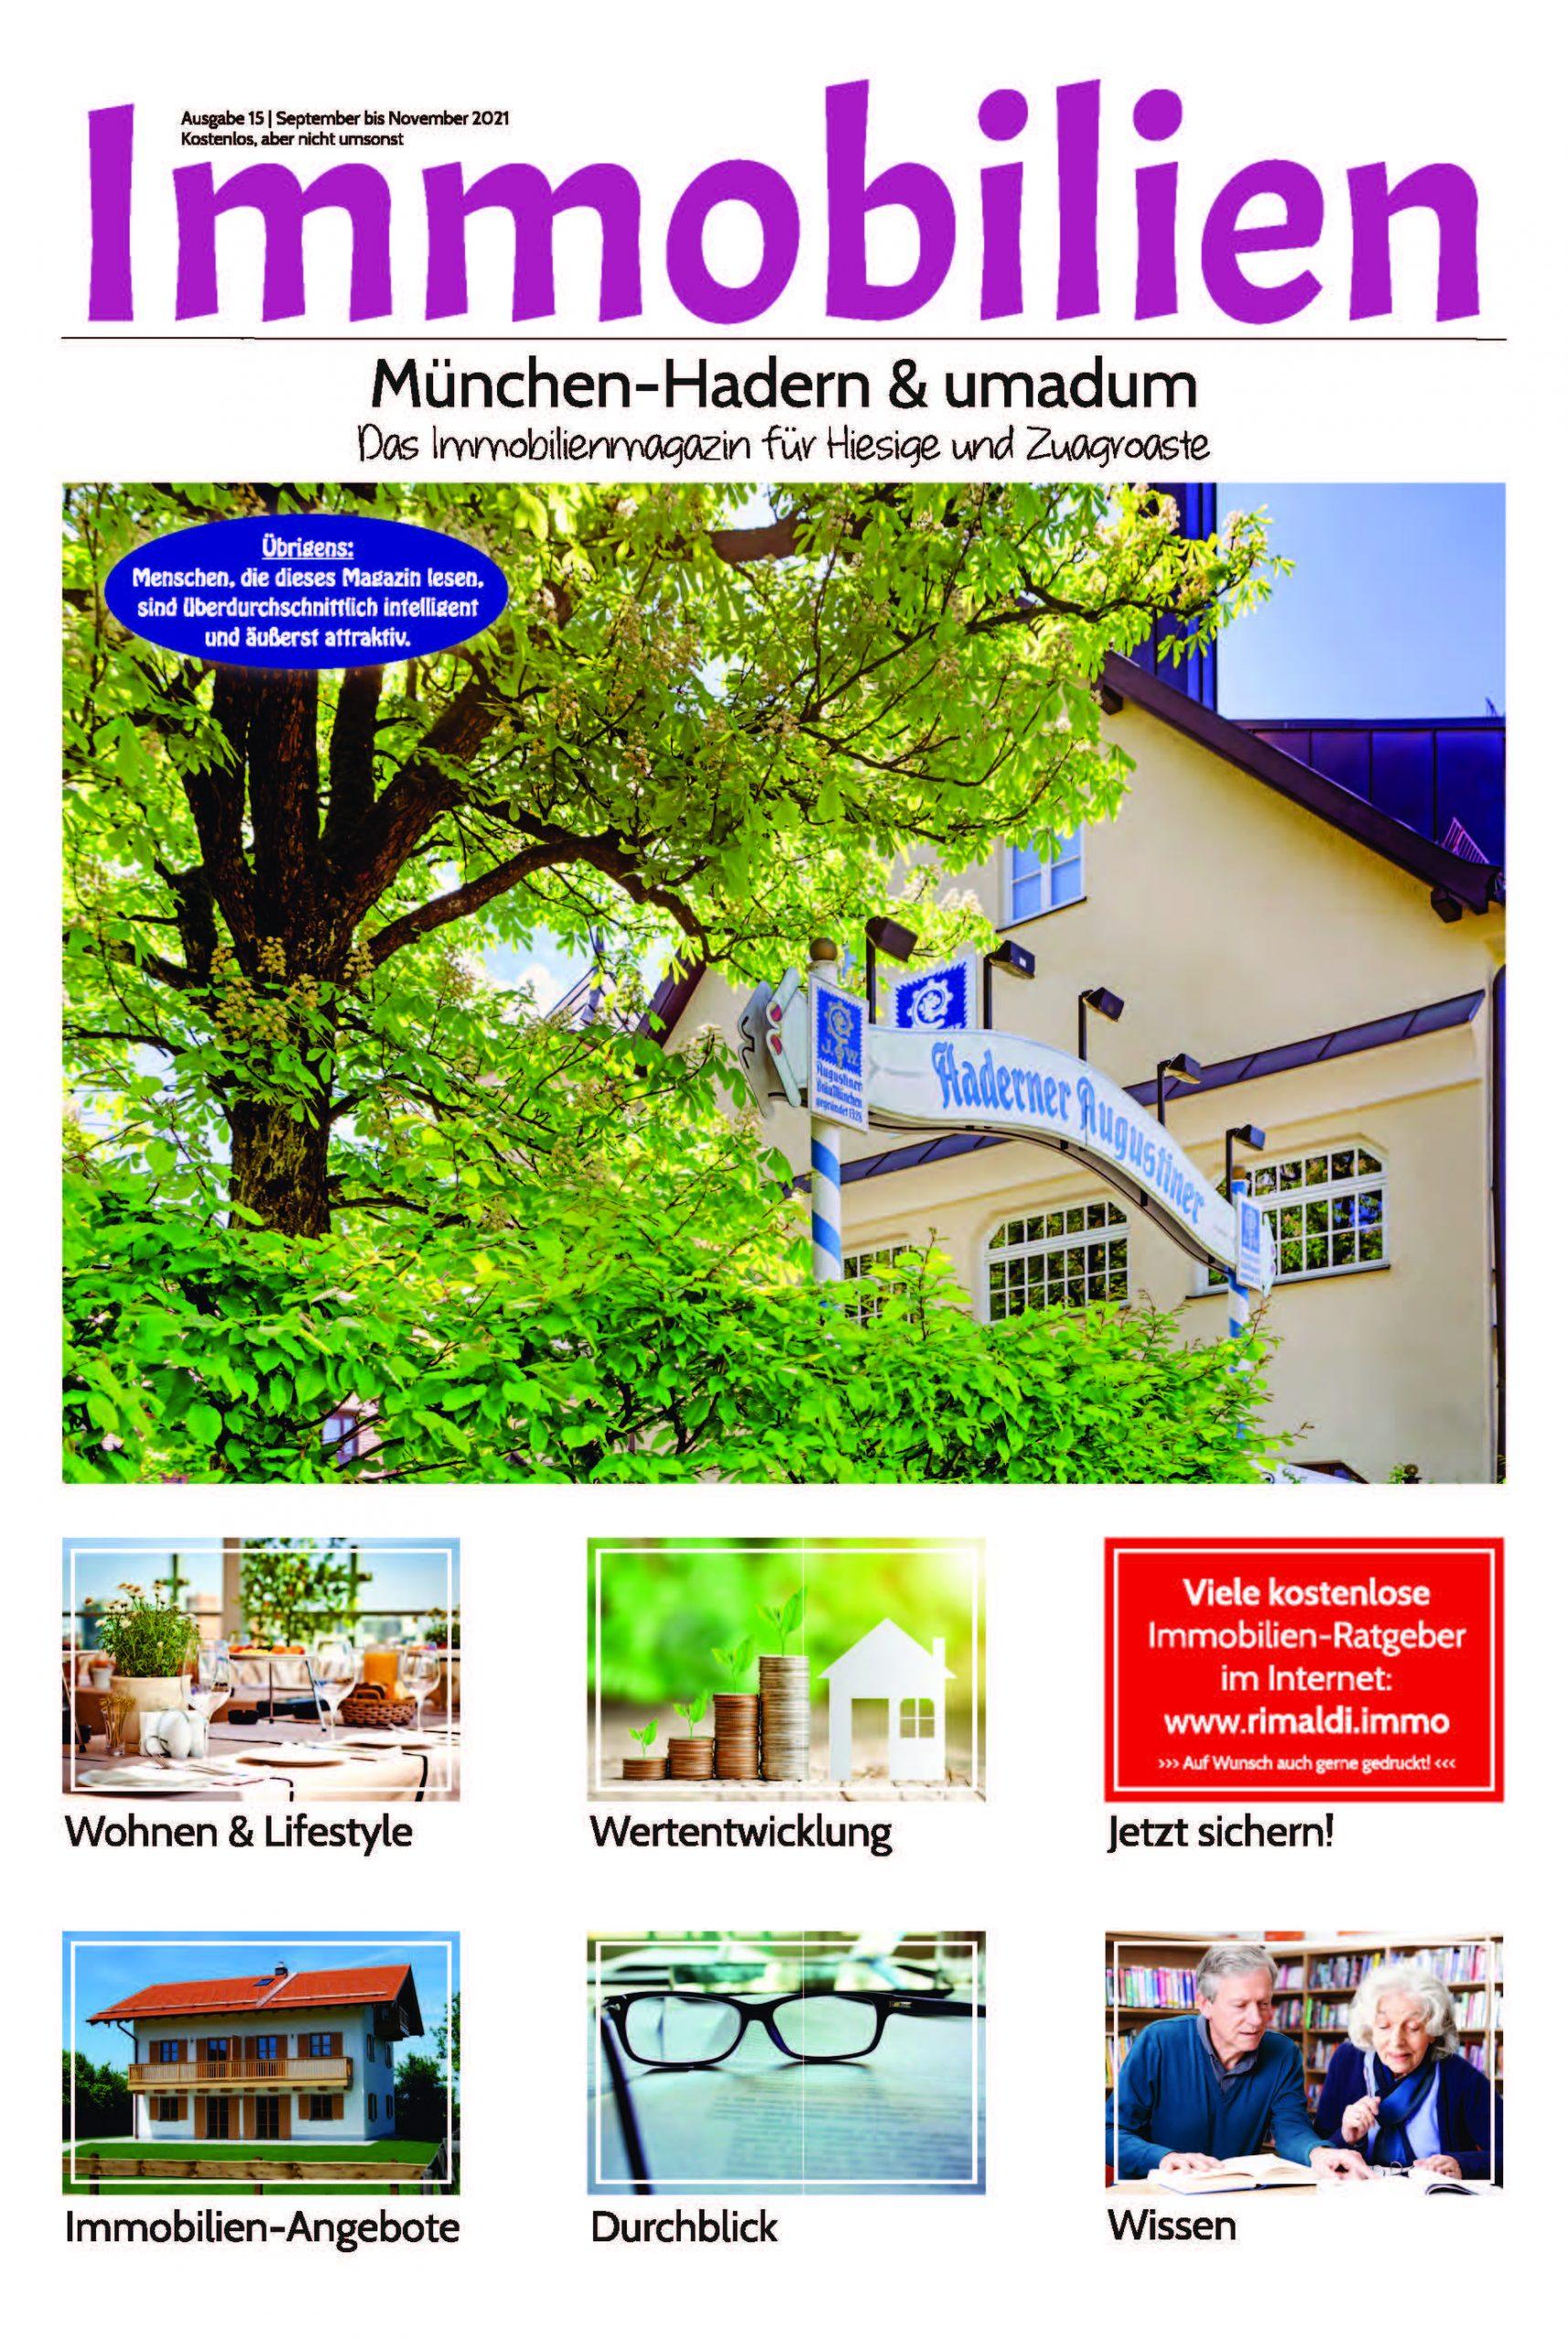 Immobilien-Magazin-rimaldi-Muenchen-Hadern-2021-03k_Seite_01